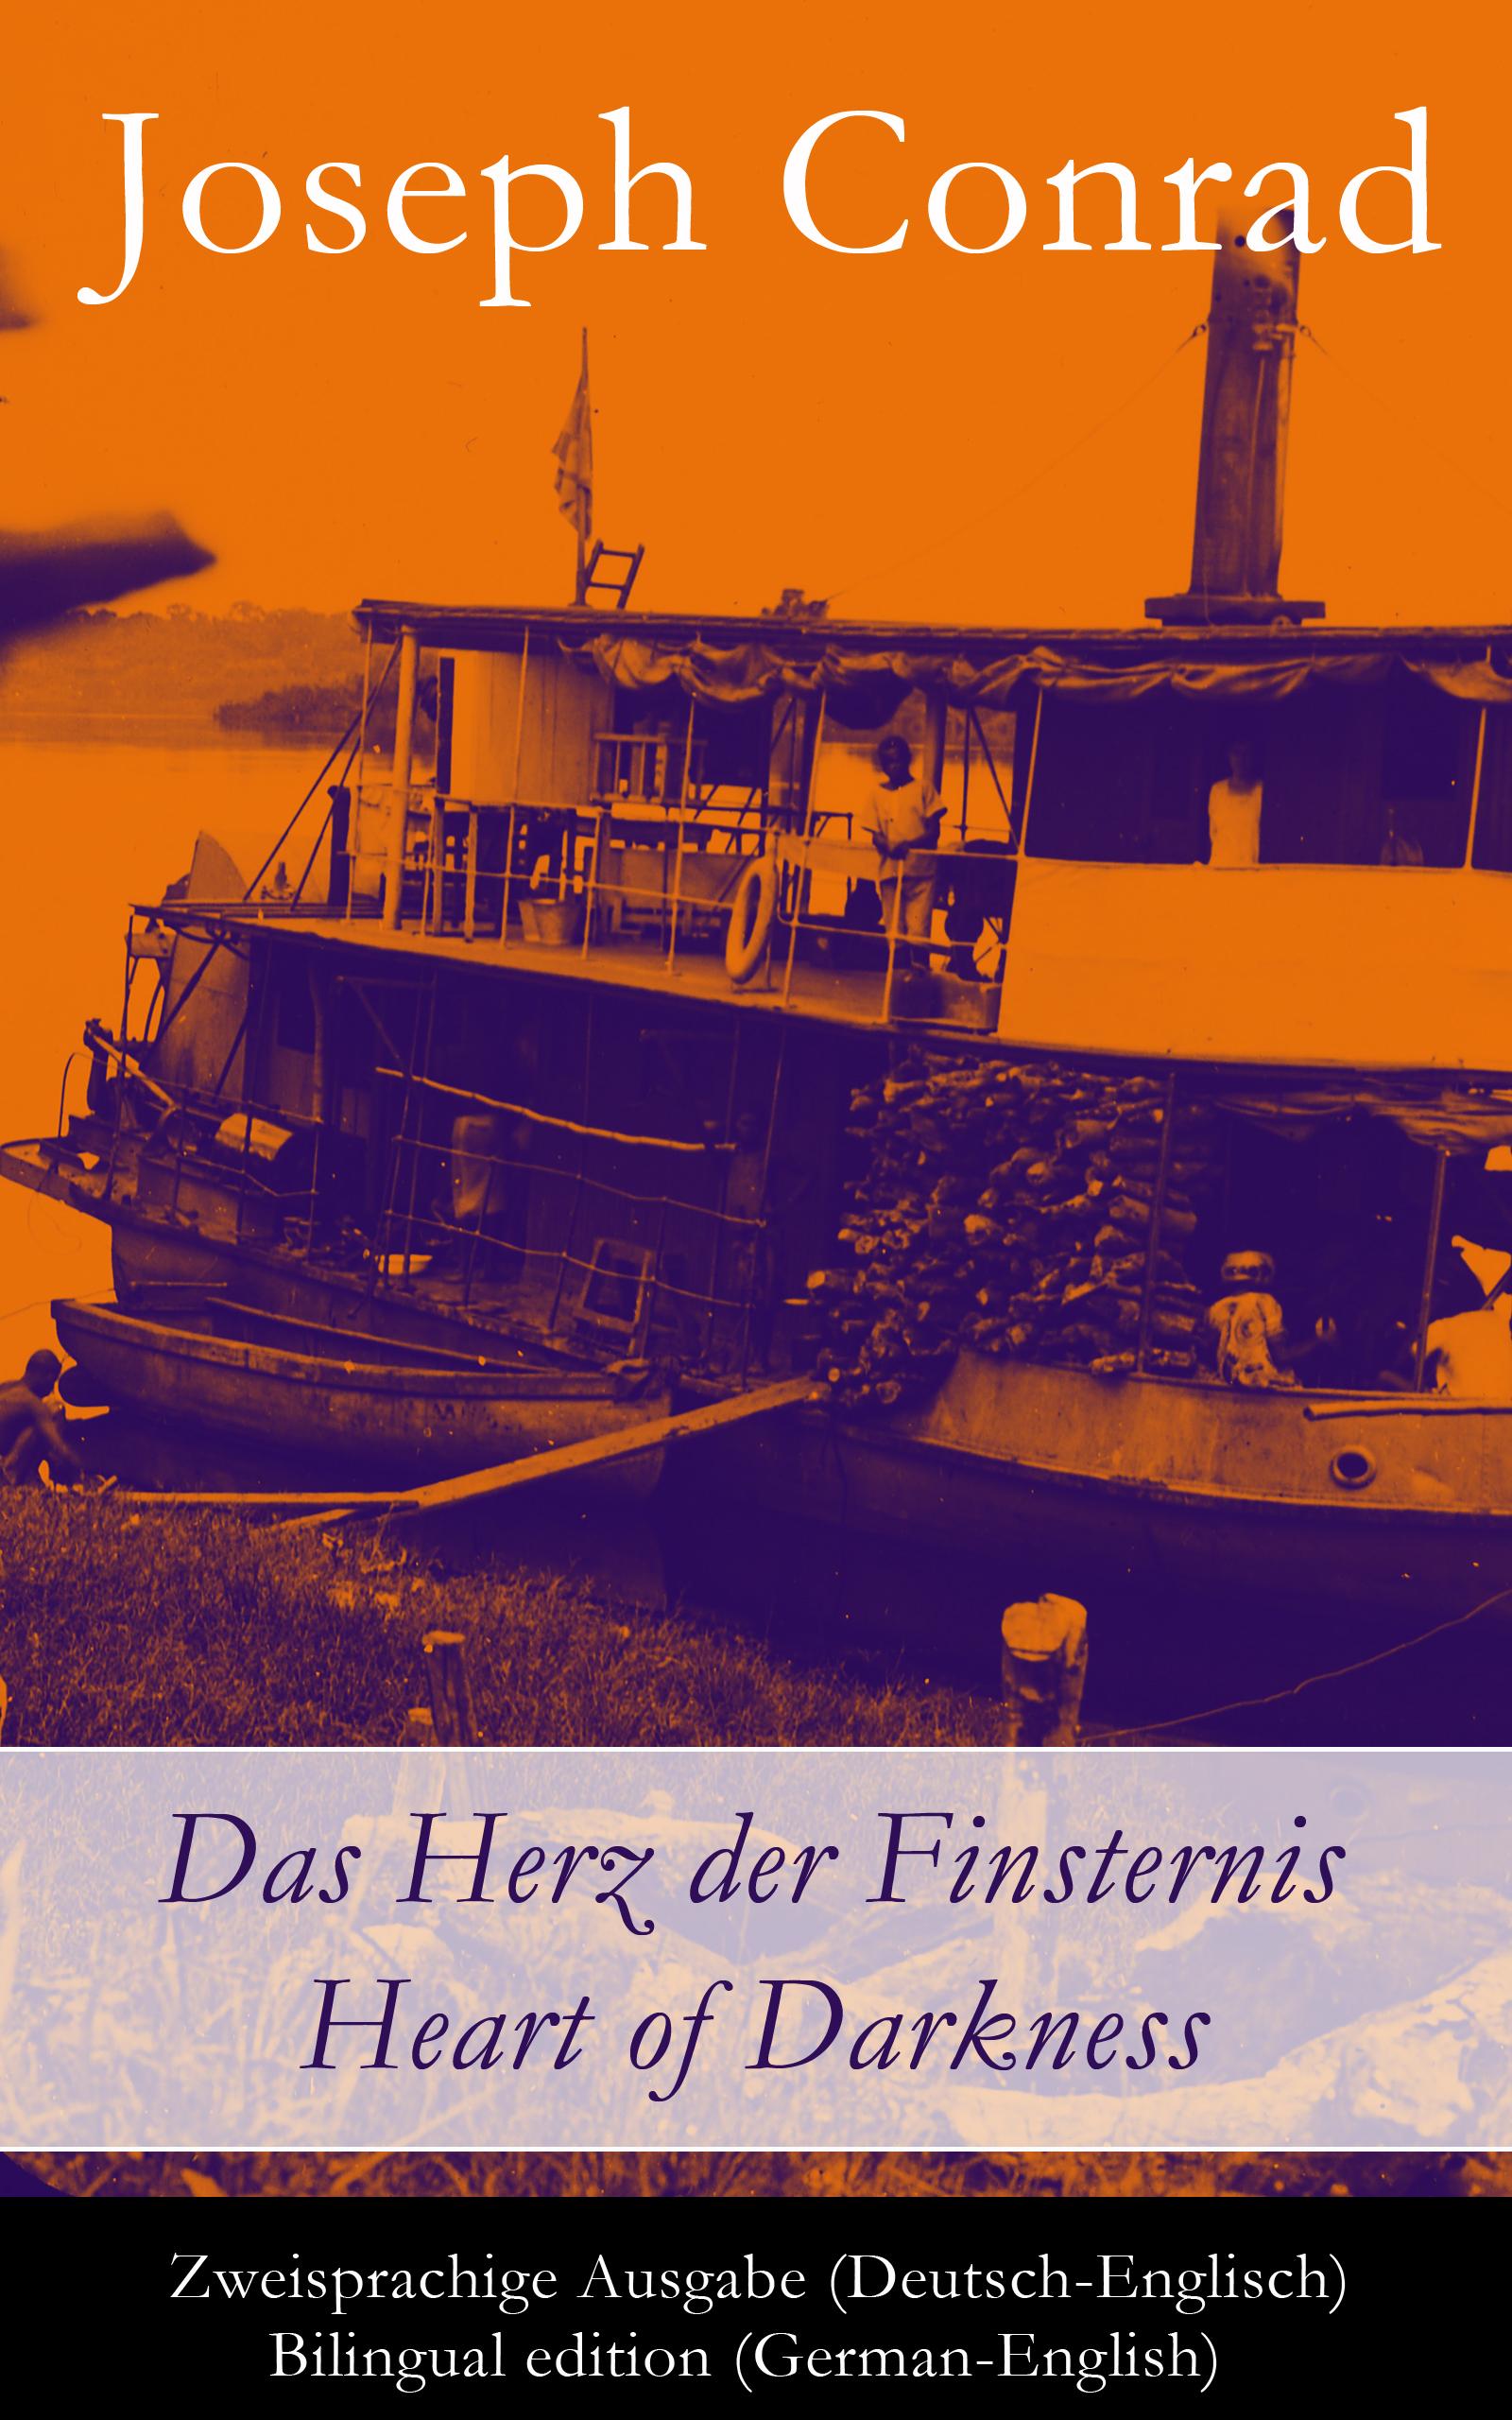 Joseph Conrad Das Herz der Finsternis / Heart of Darkness - Zweisprachige Ausgabe (Deutsch-Englisch) / Bilingual edition (German-English) friedrich brockhaus das legitimitatsprincip german edition